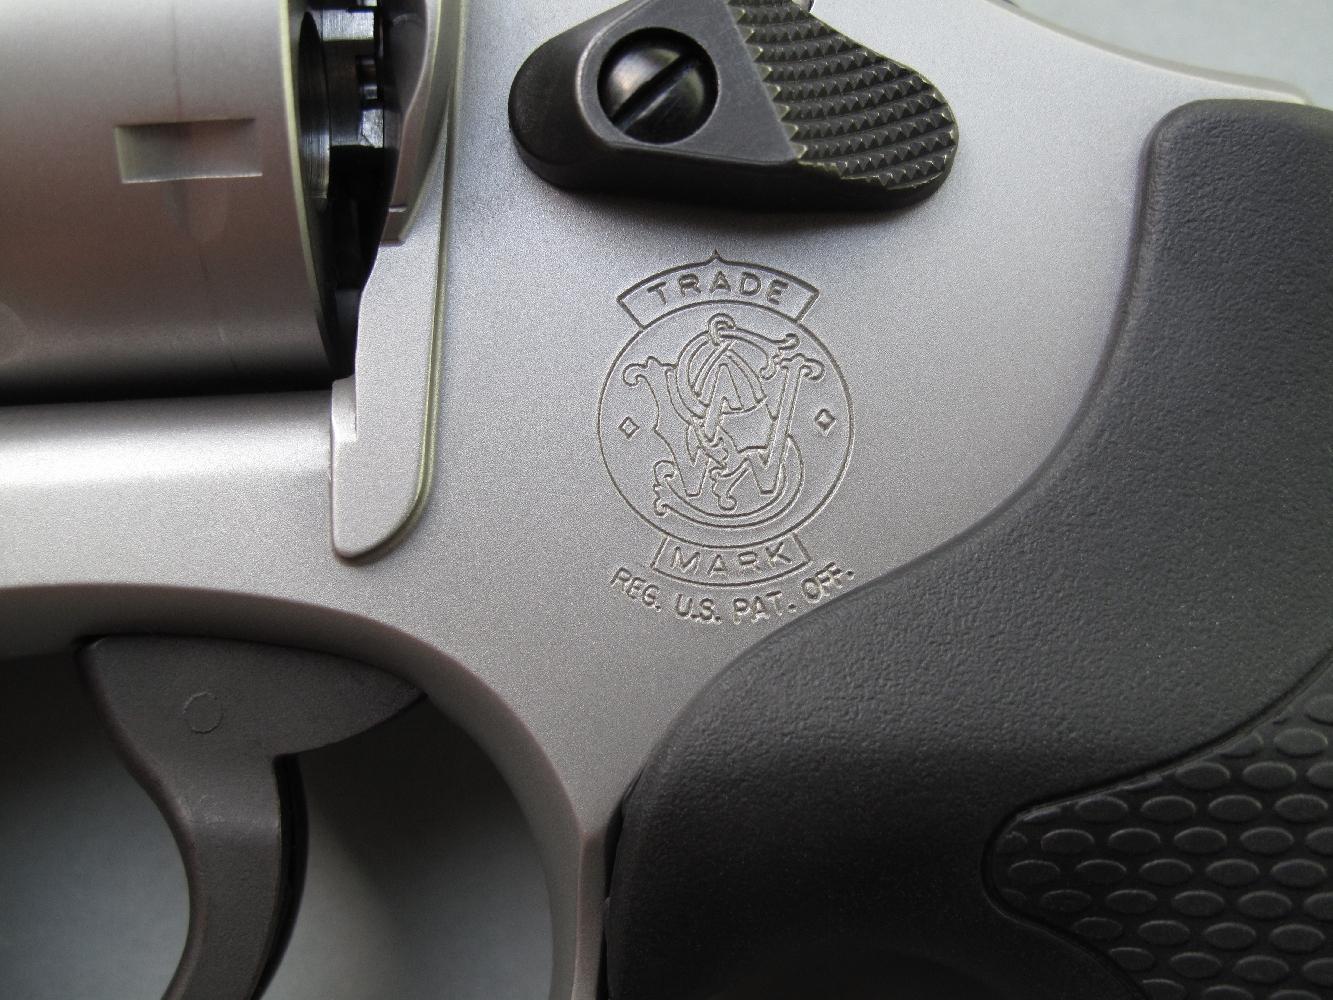 Le célèbre logo, dont la firme américaine ne s'est jamais départie durant ses quelques cent soixante années d'existence, est gravé sur le flanc gauche de la carcasse.